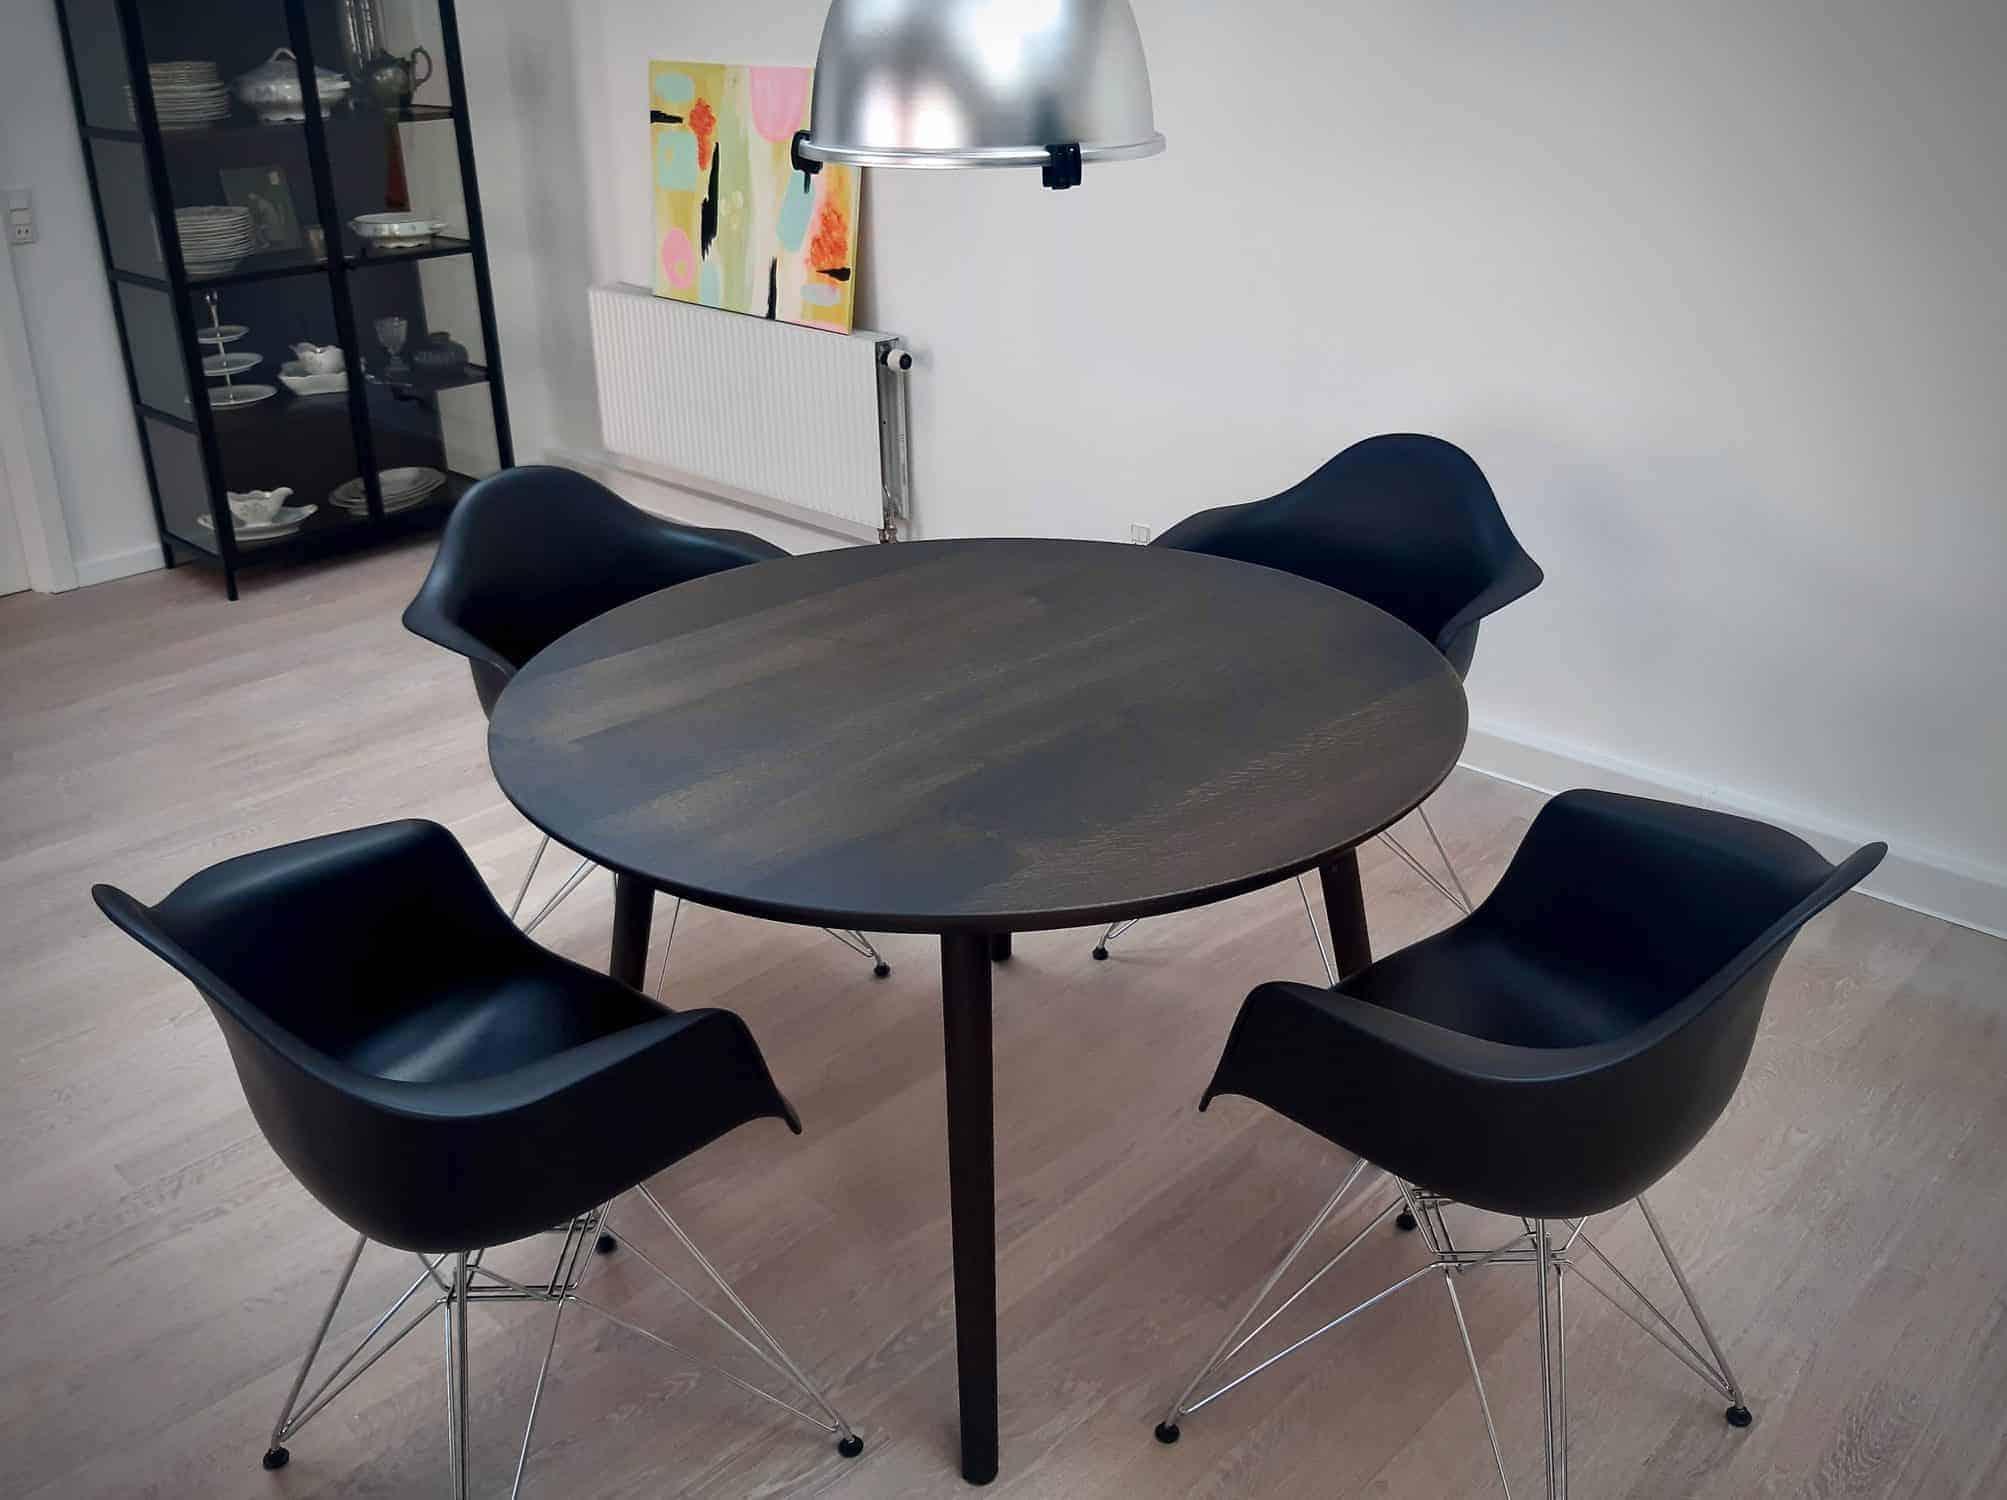 rundtbord rundbord ovalt bord bord i trae traebord traemobler kaerbygaard kaerbygård august 2020 6 scaled